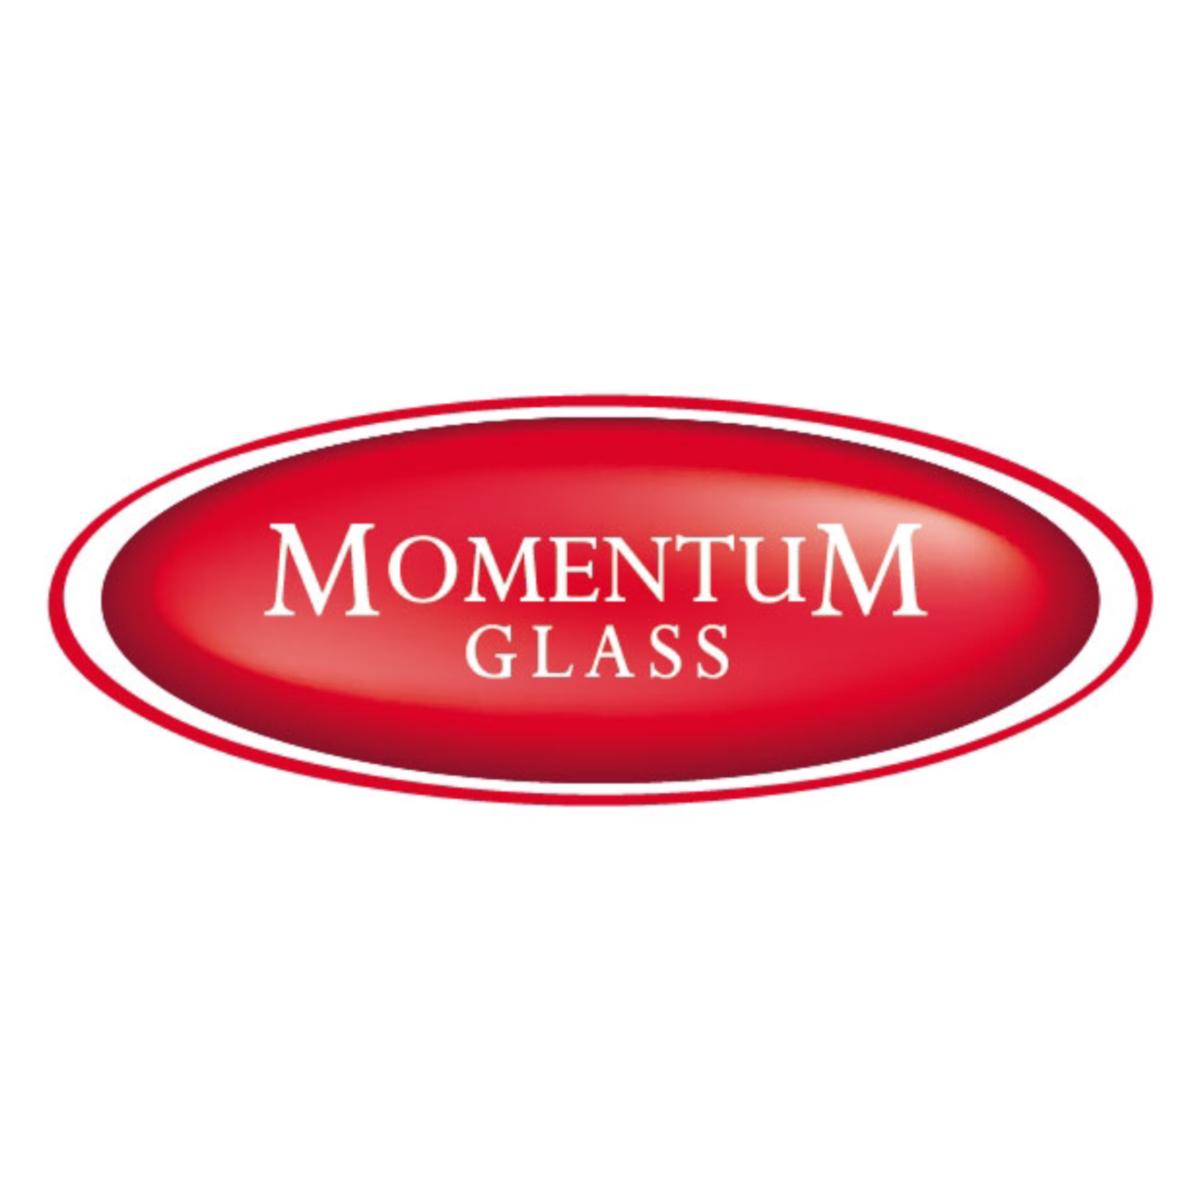 momentum-glass-artigiani-del-vetro-frascati-roma-profile